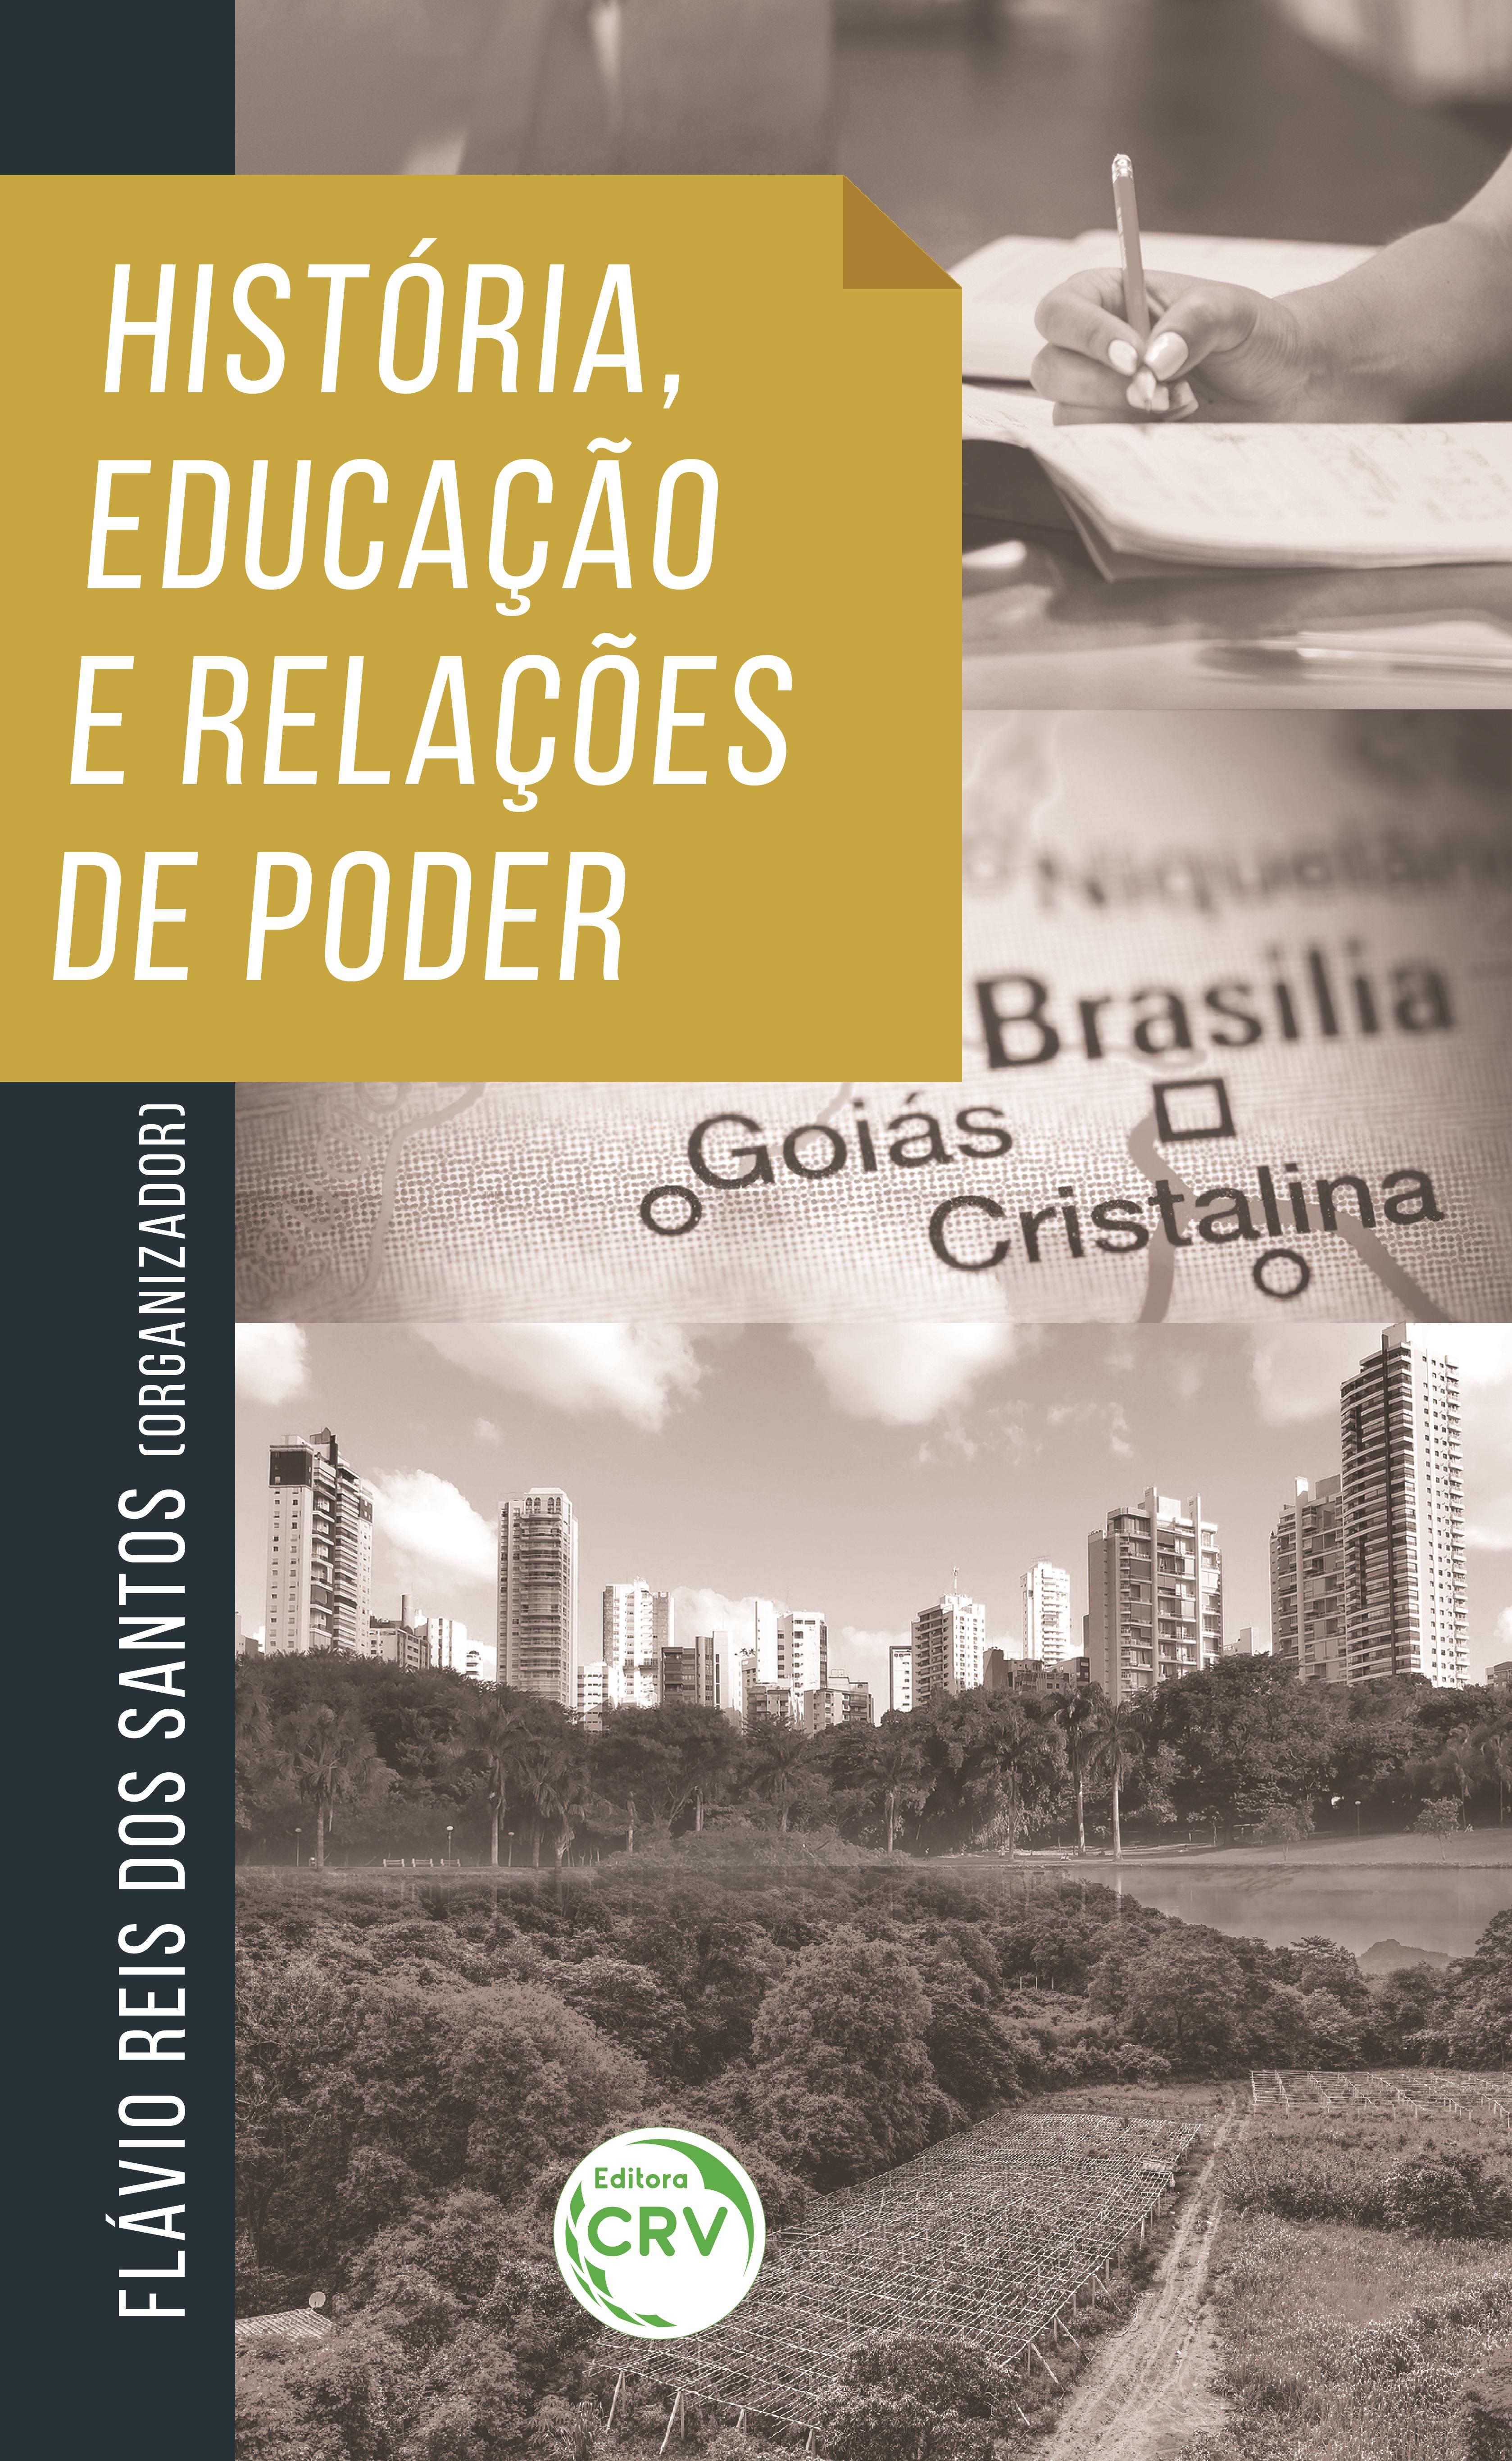 Capa do livro: HISTÓRIA, EDUCAÇÃO E RELAÇÕES DE PODER